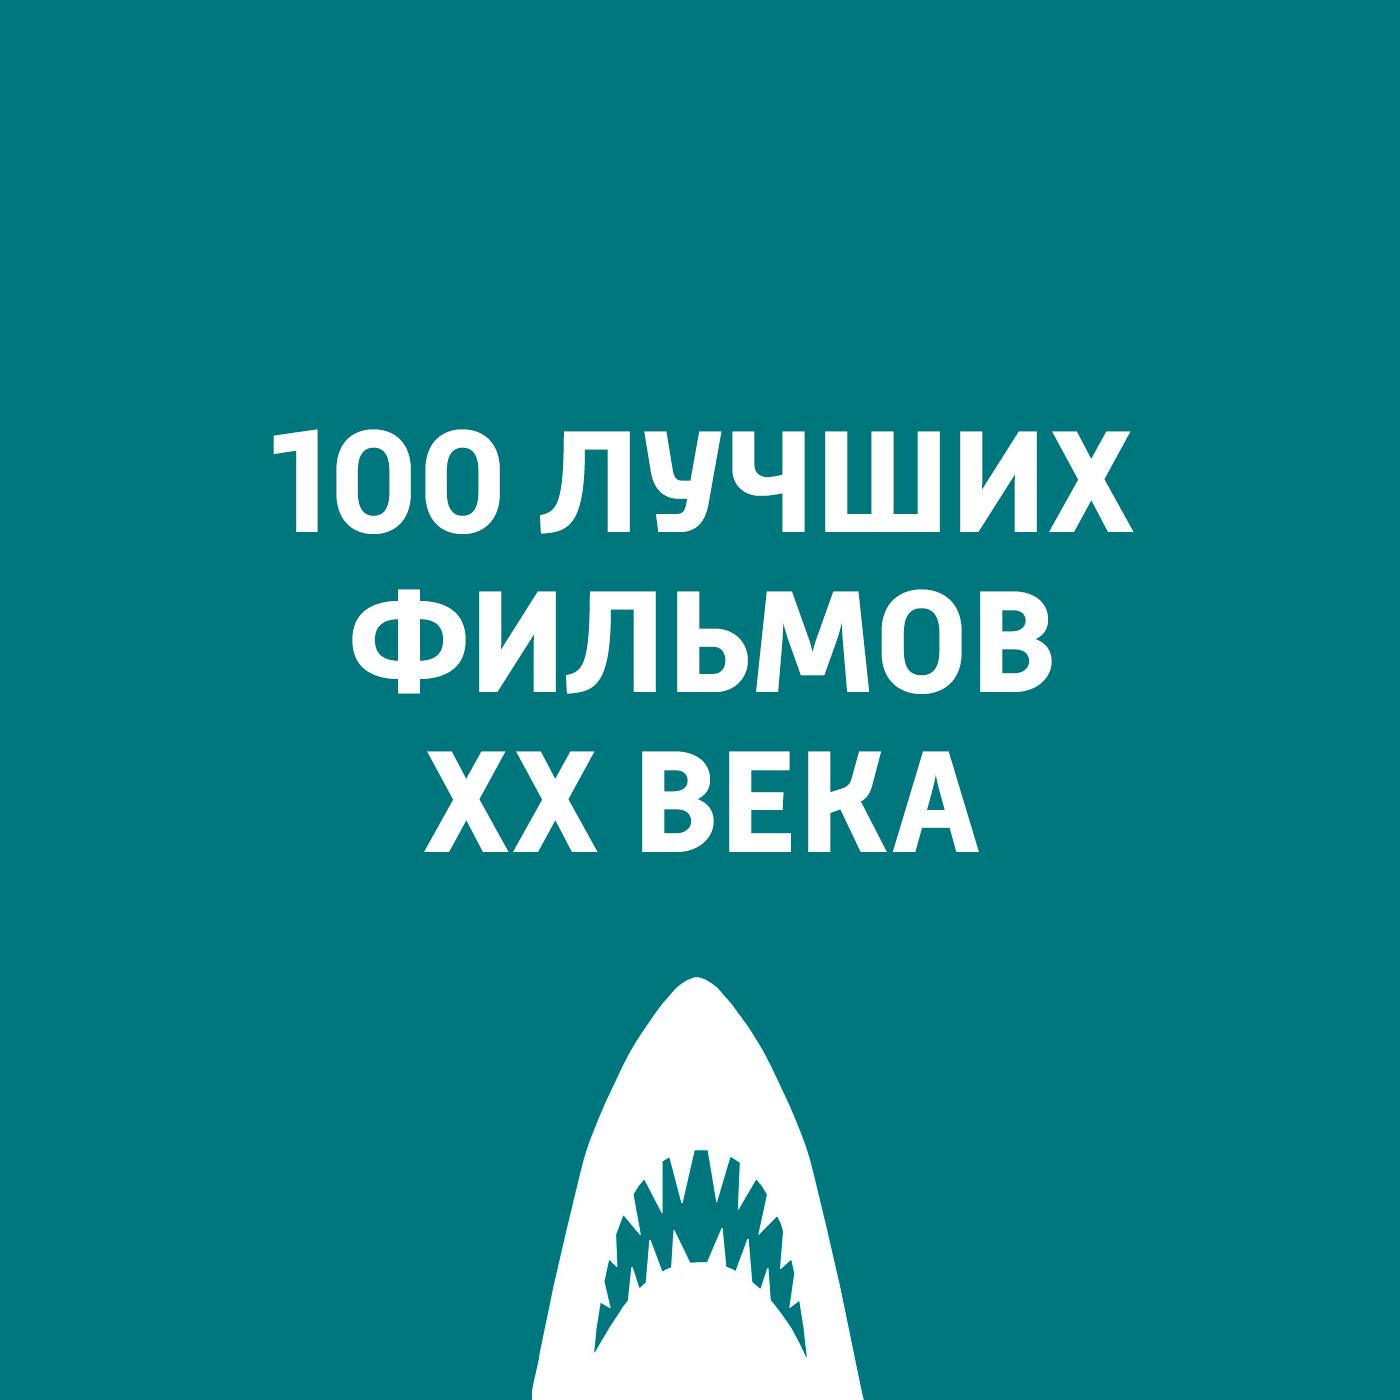 цена на Антон Долин Побег из Шоушенка